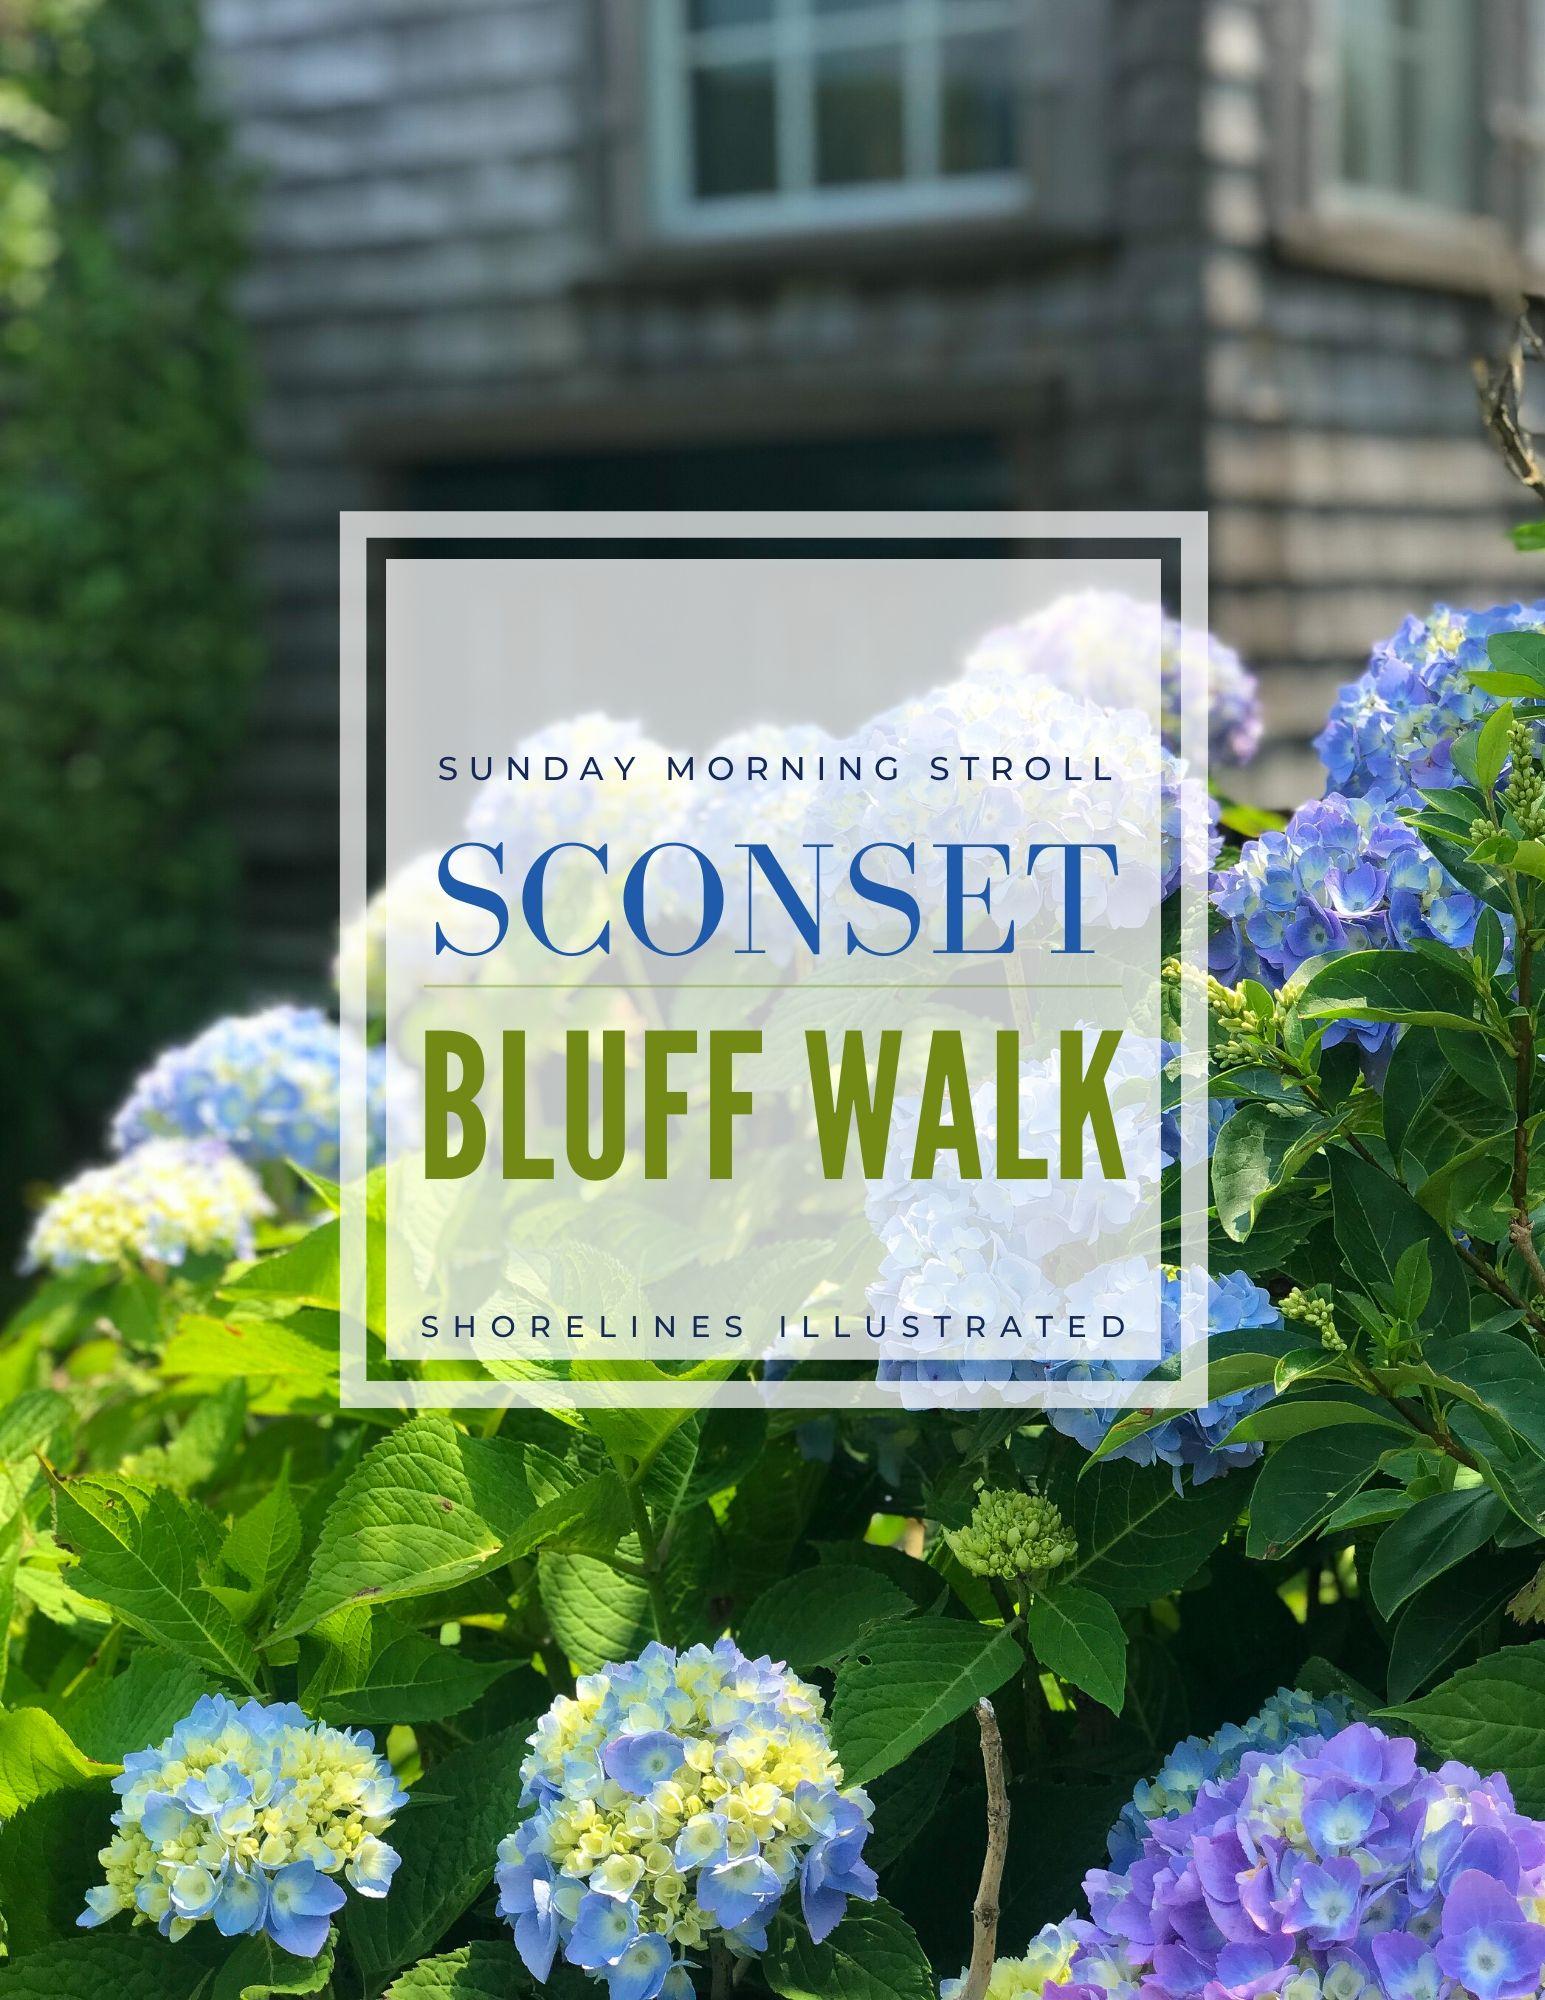 The Sconset Bluff Walk Siasconset Nantucket-1